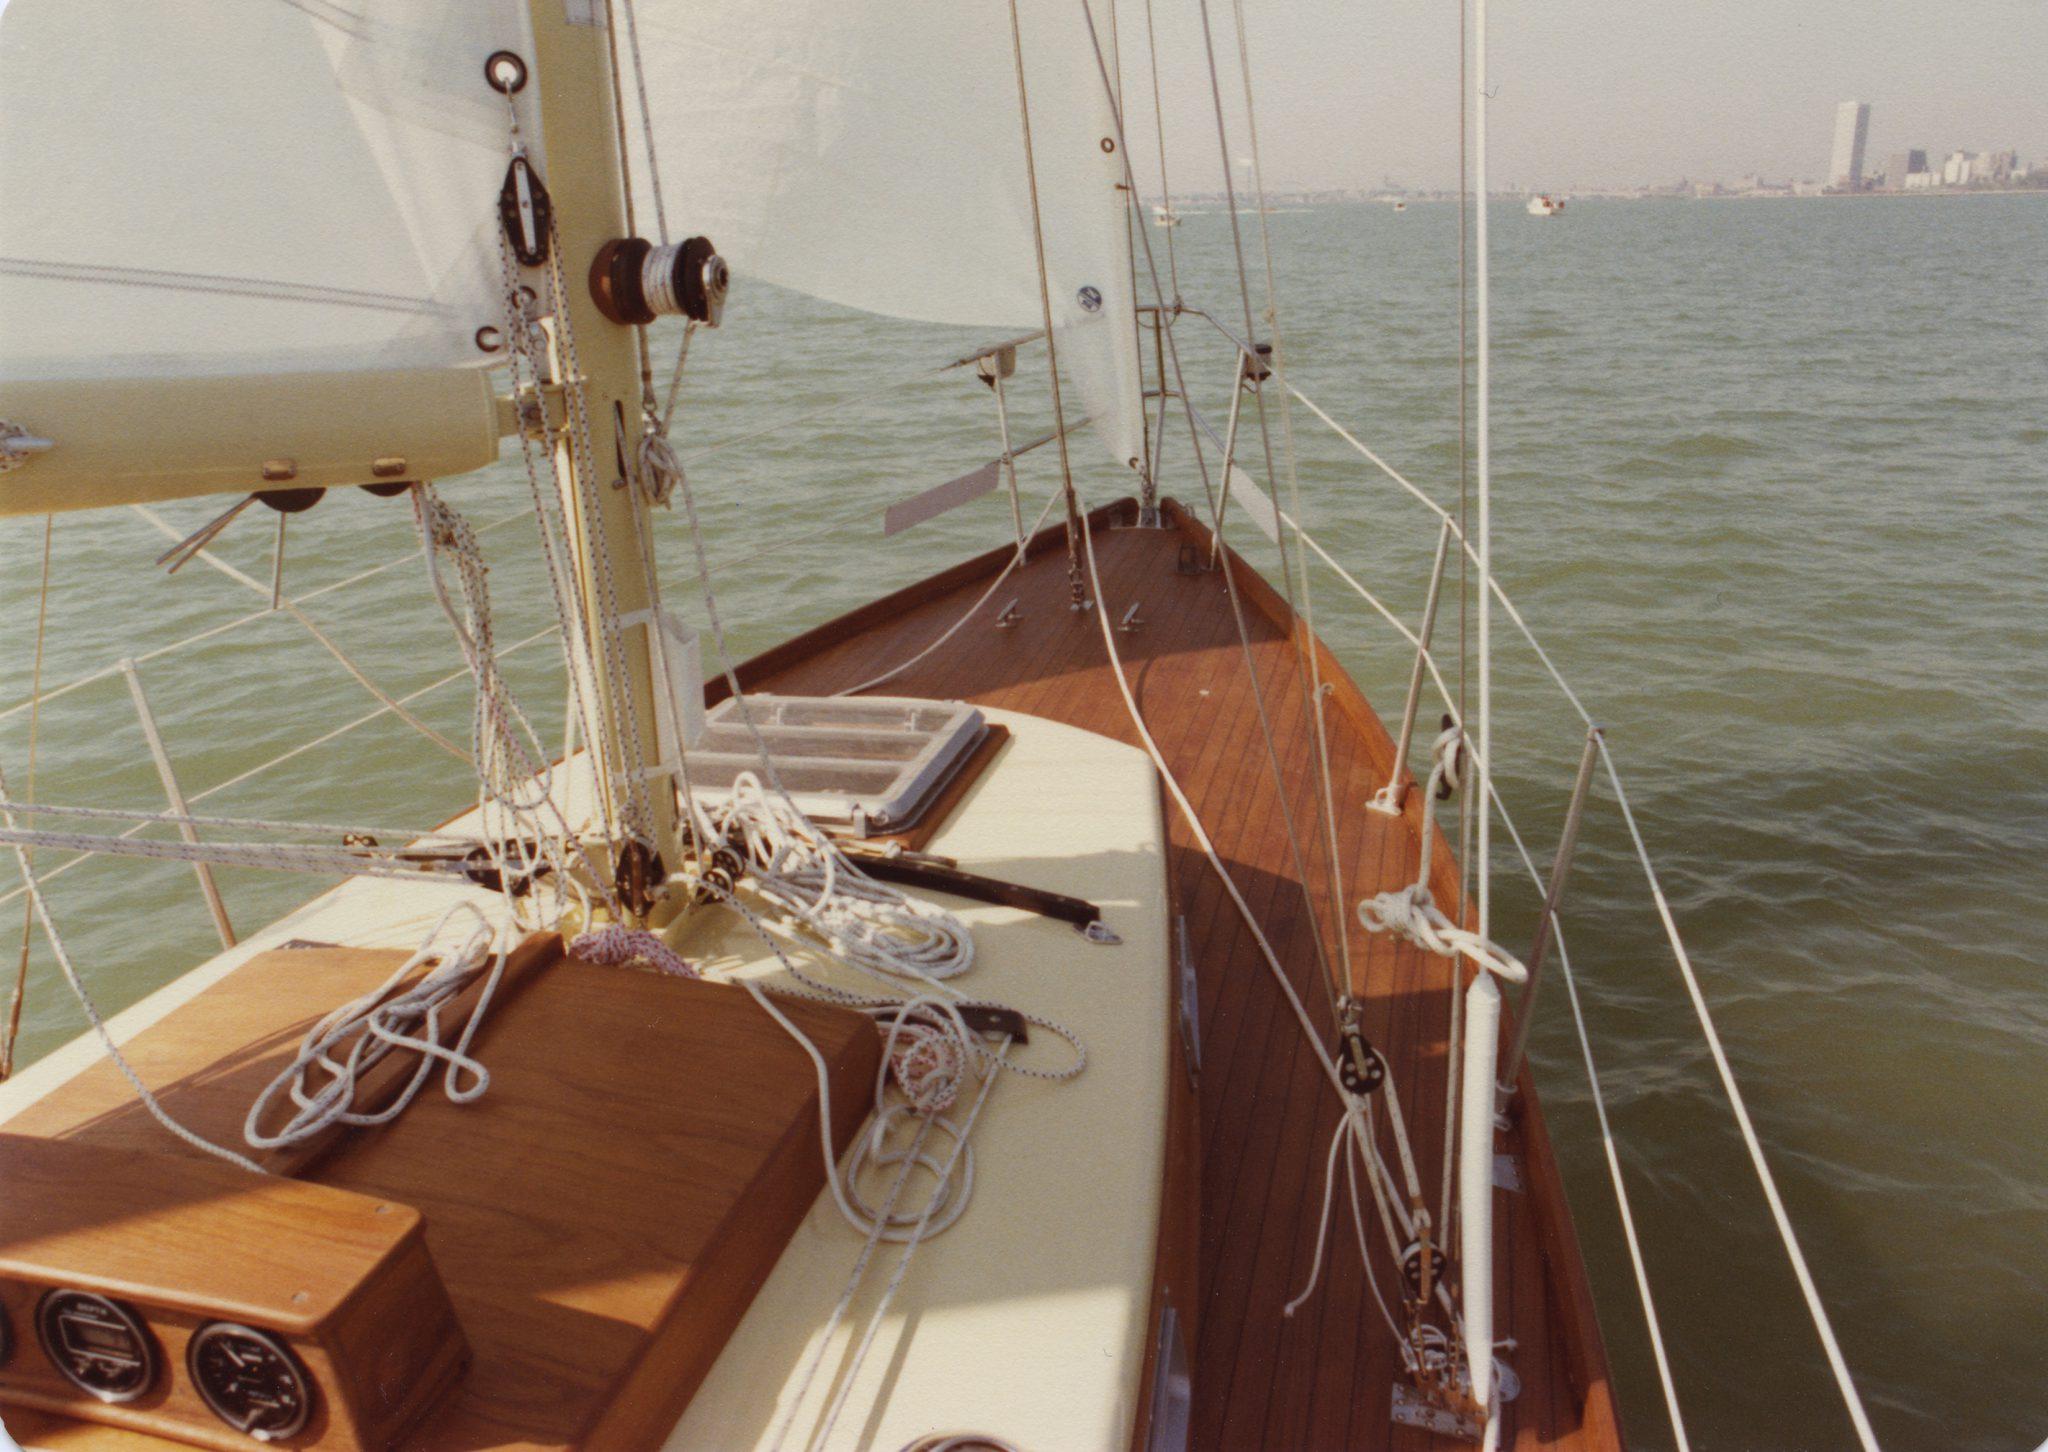 Silvan at sea